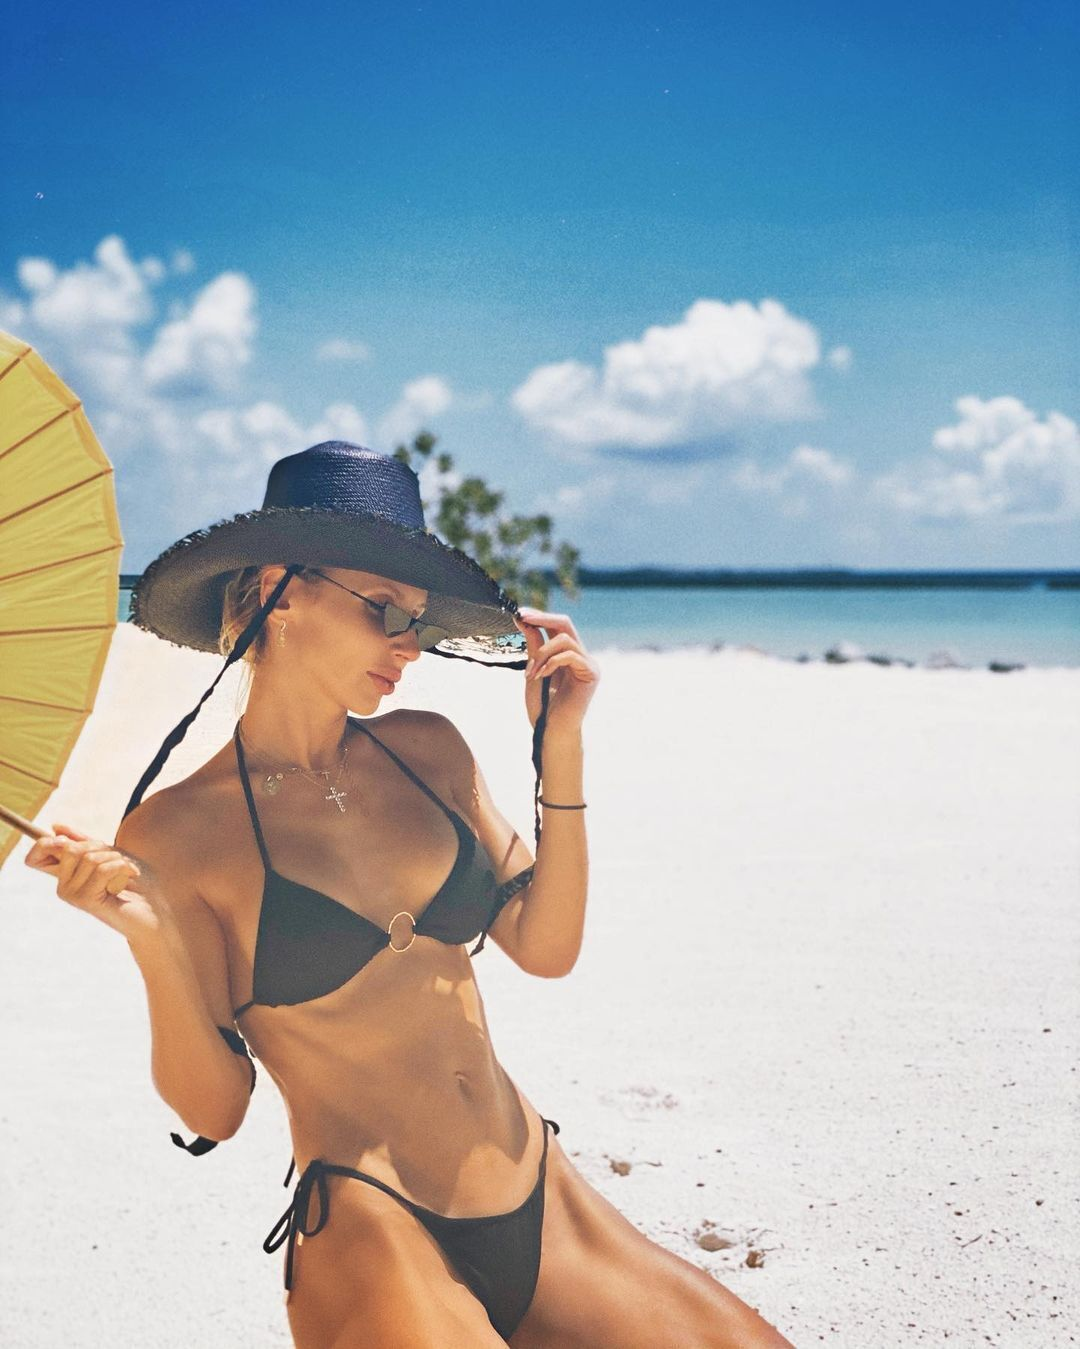 Лобода доповнила образ сонцезахисними окулярами, чорним капелюхом і парасолькою.